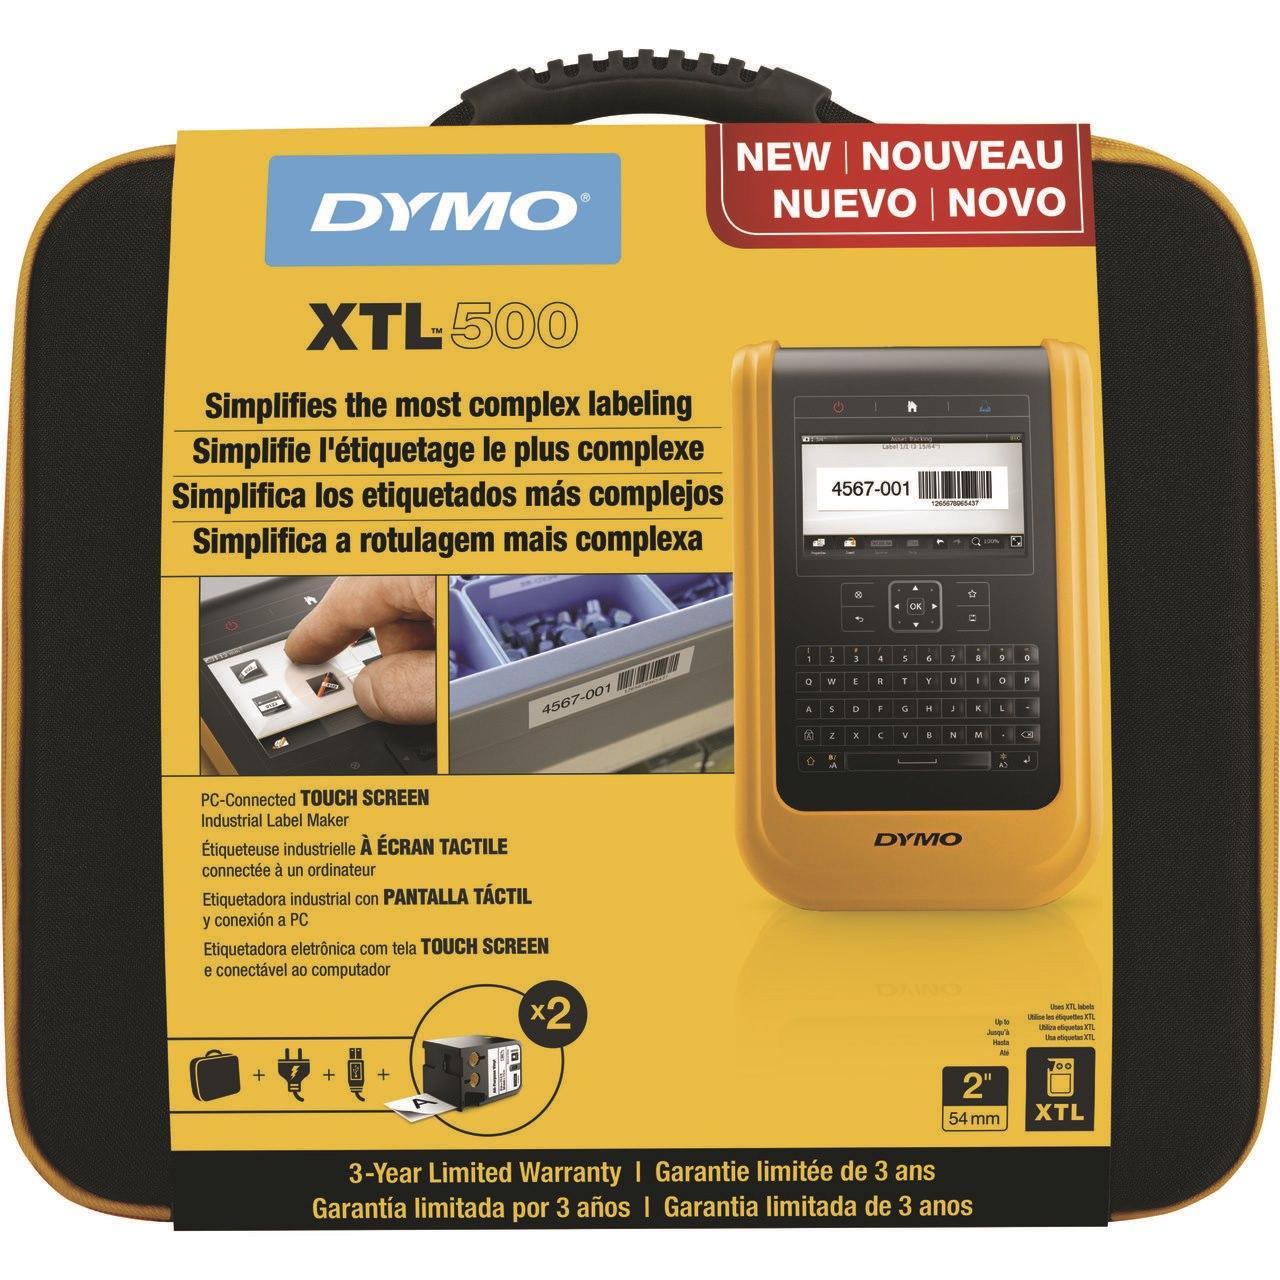 Dymo XTL DY XTL 500 Printer Kit Qwerty